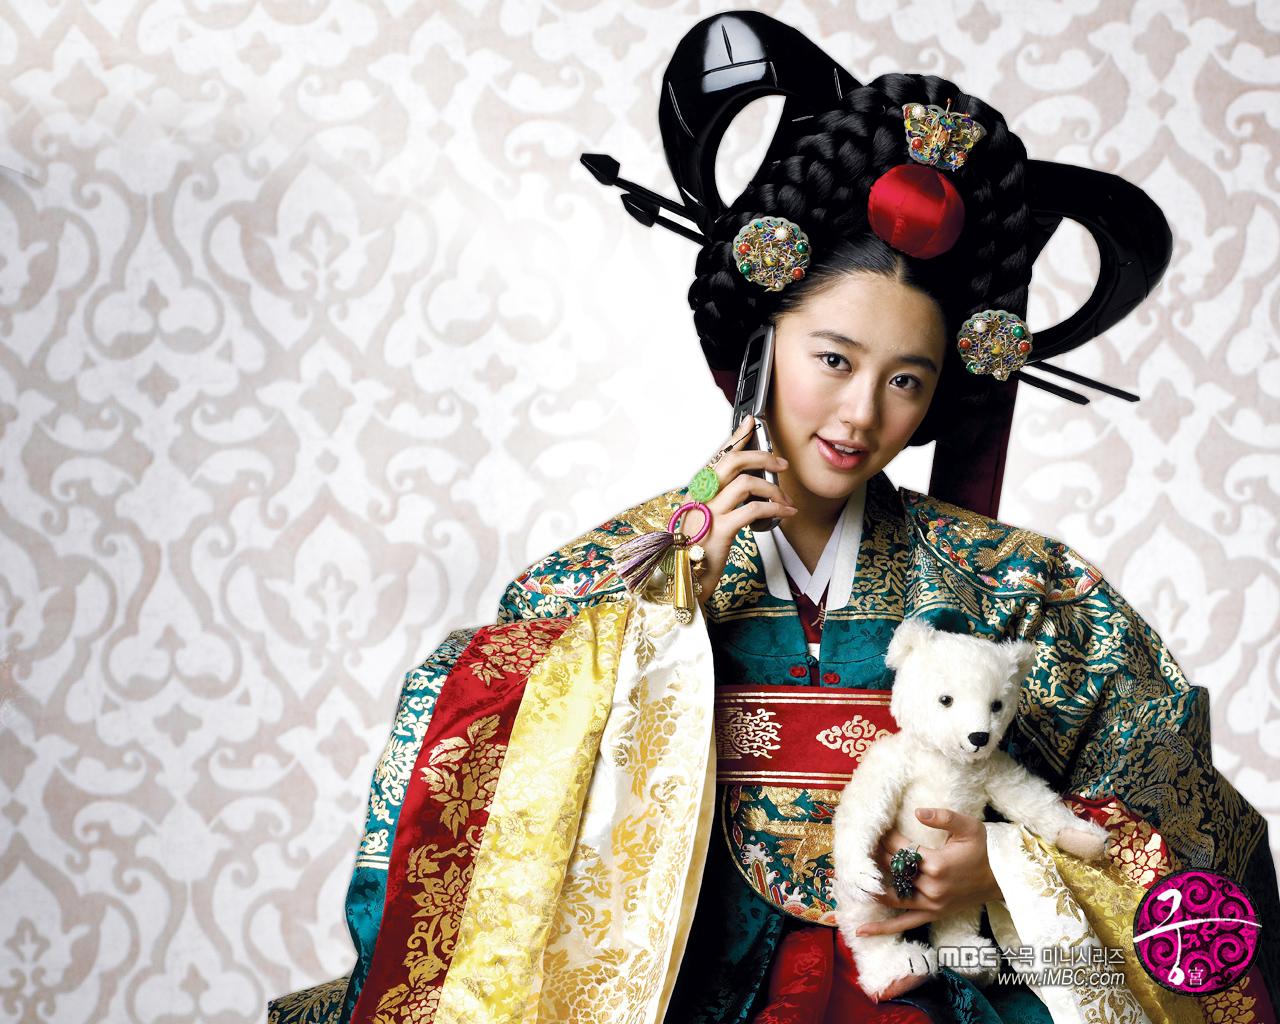 royal romance kdrama, royalty korean dramas, goong drama, goong